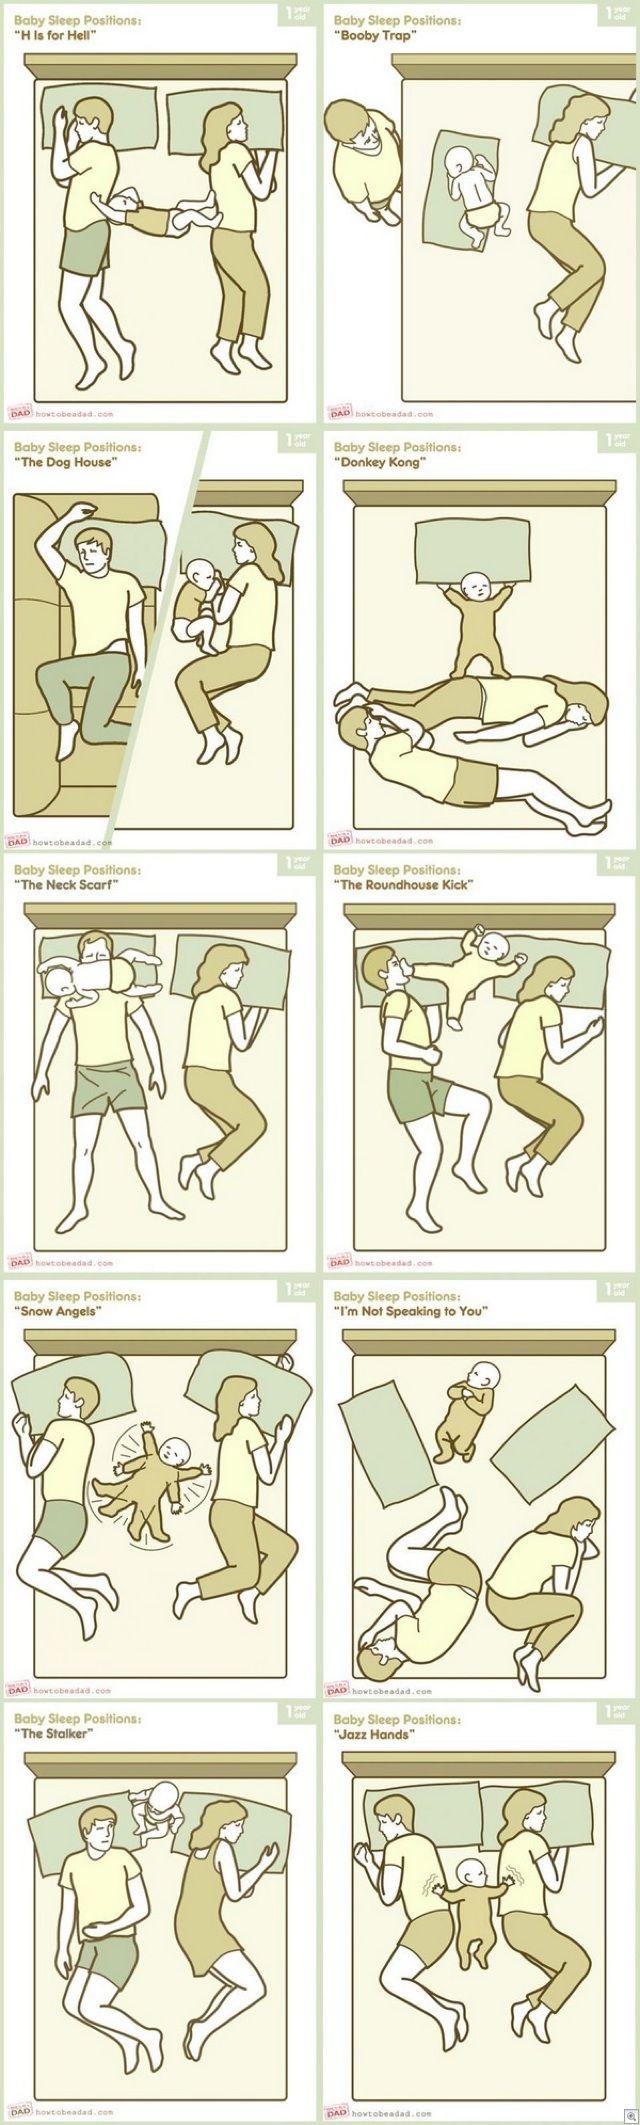 Baby Sleep Positions ^